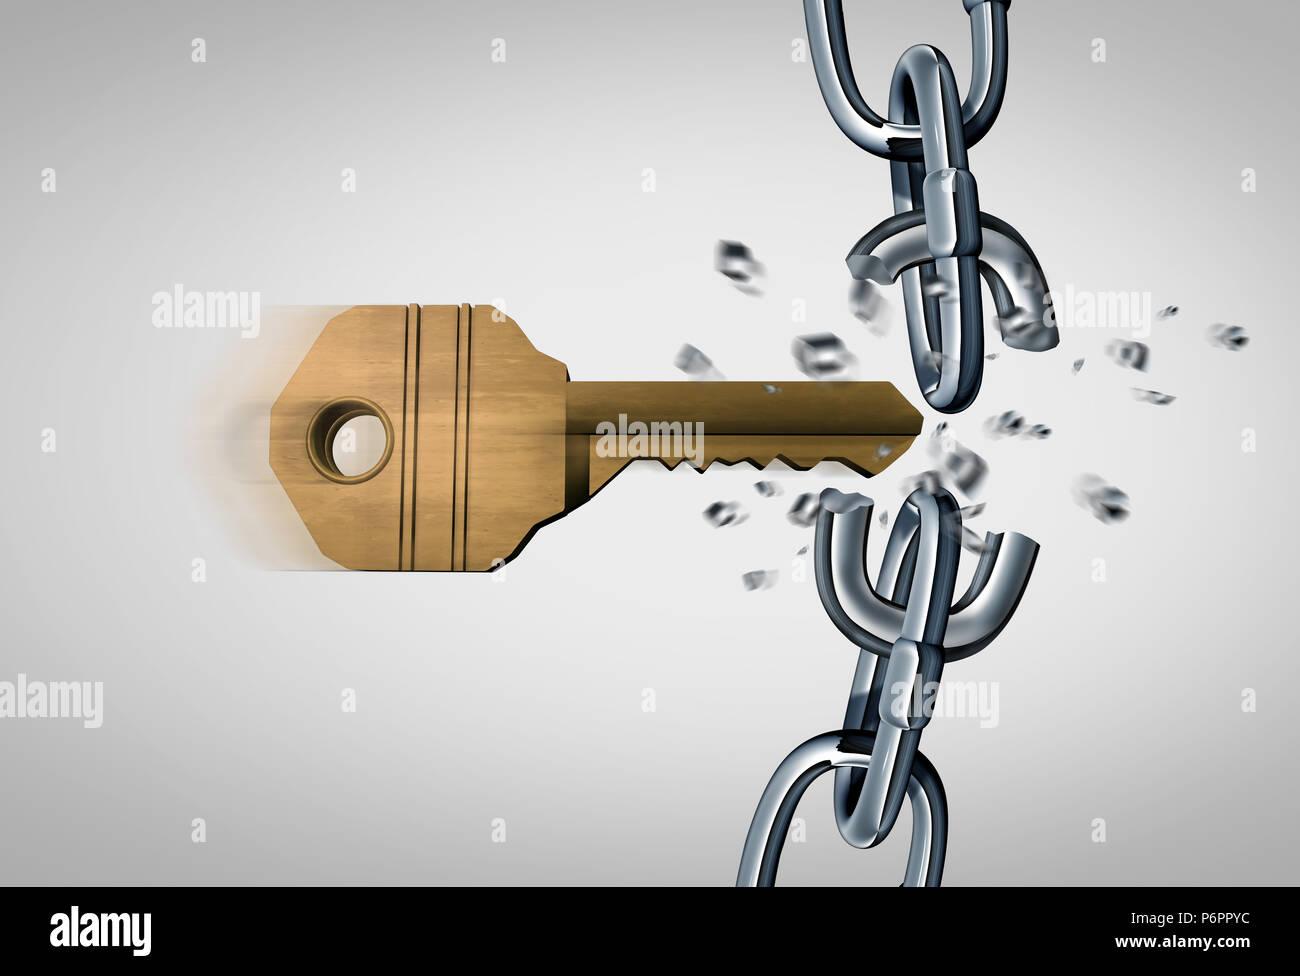 La rottura della catena e di un concetto di sblocco come una chiave ultime maglie metalliche come la sicurezza e il successo aziendale icona come 3D render. Immagini Stock